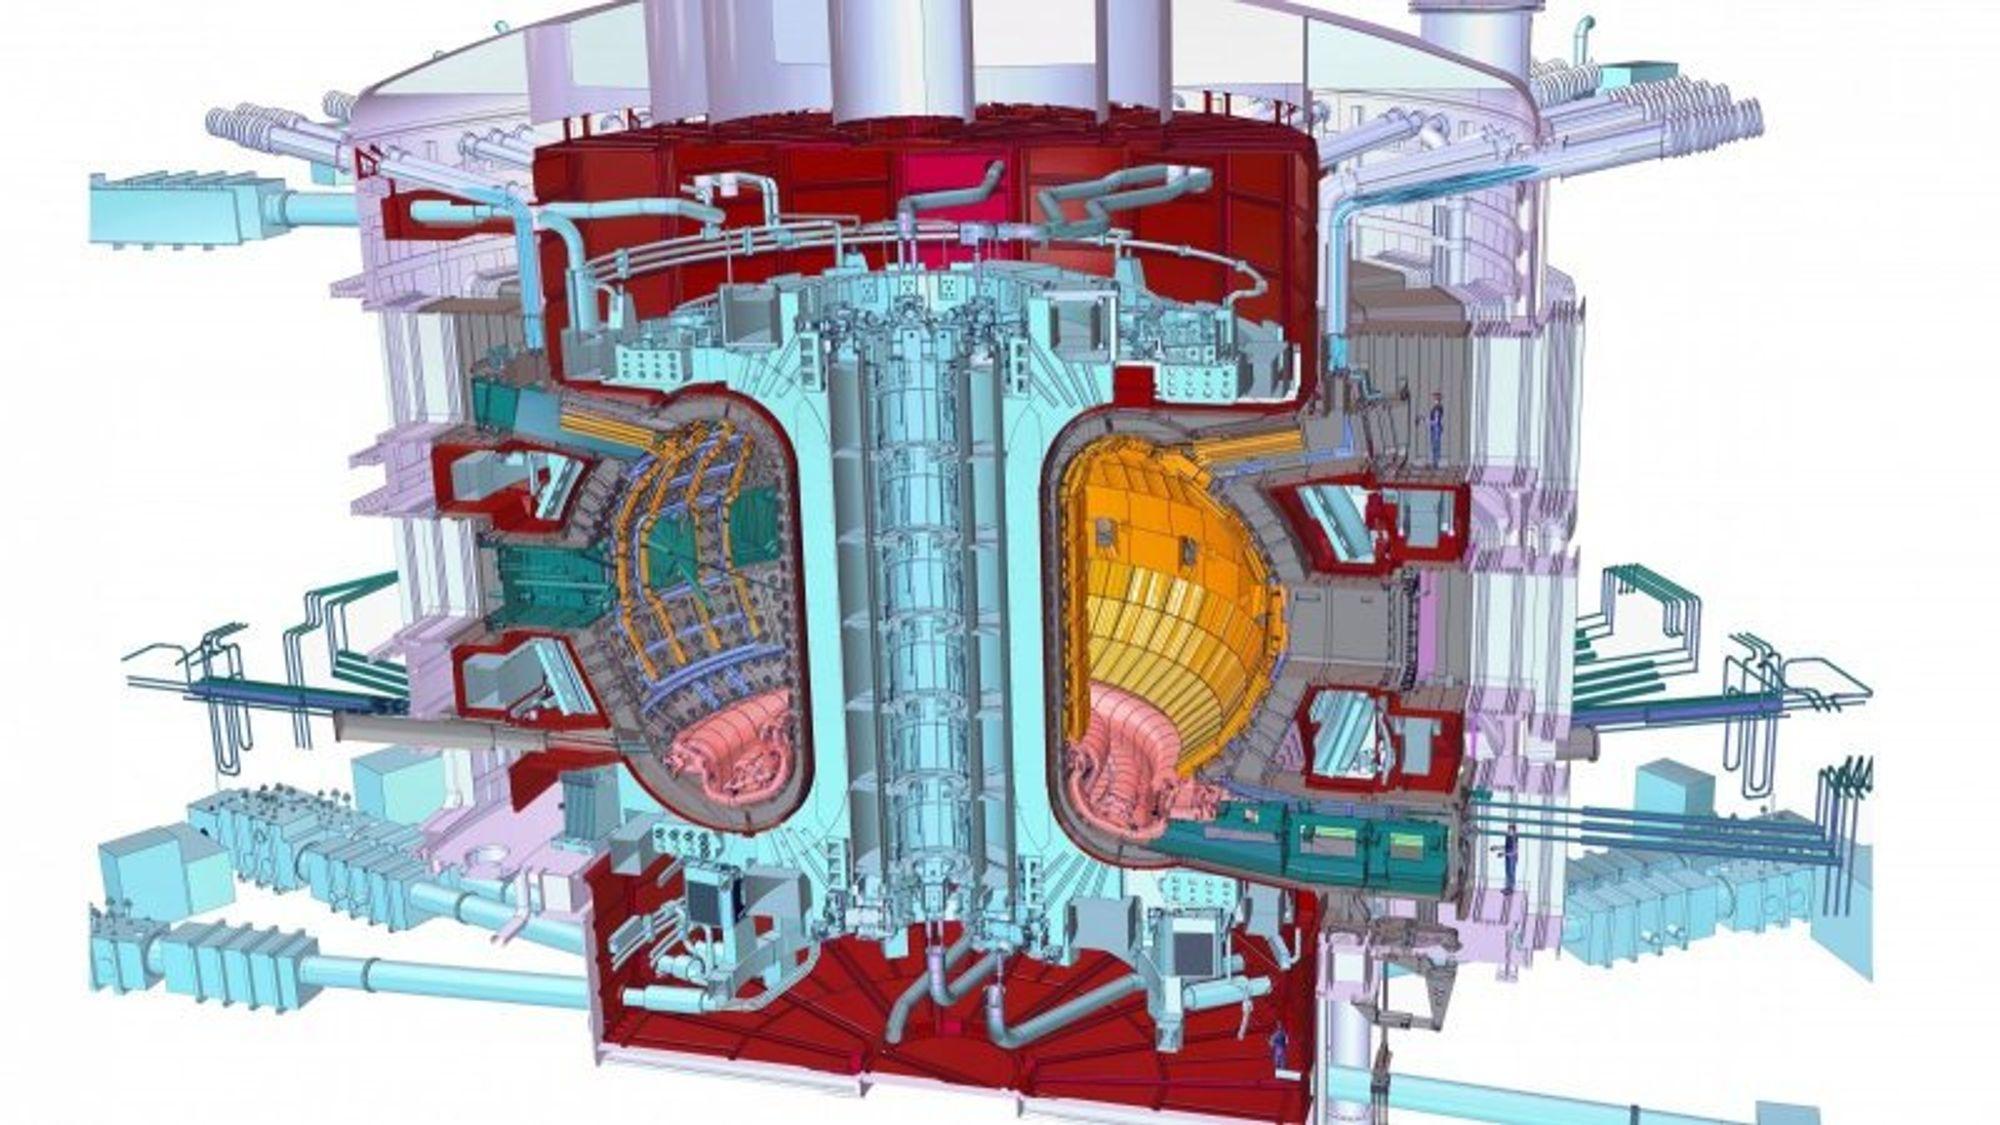 Iter er basert på tokamak-prinsippet, hvor kjerner av deuterium og tritium fusjonerer i et vakuum-kammer til heliumkjerner og frie nøytroner under utslipp av energi – holdt på plass av et kraftig magnetfelt dannet med superledende spoler.